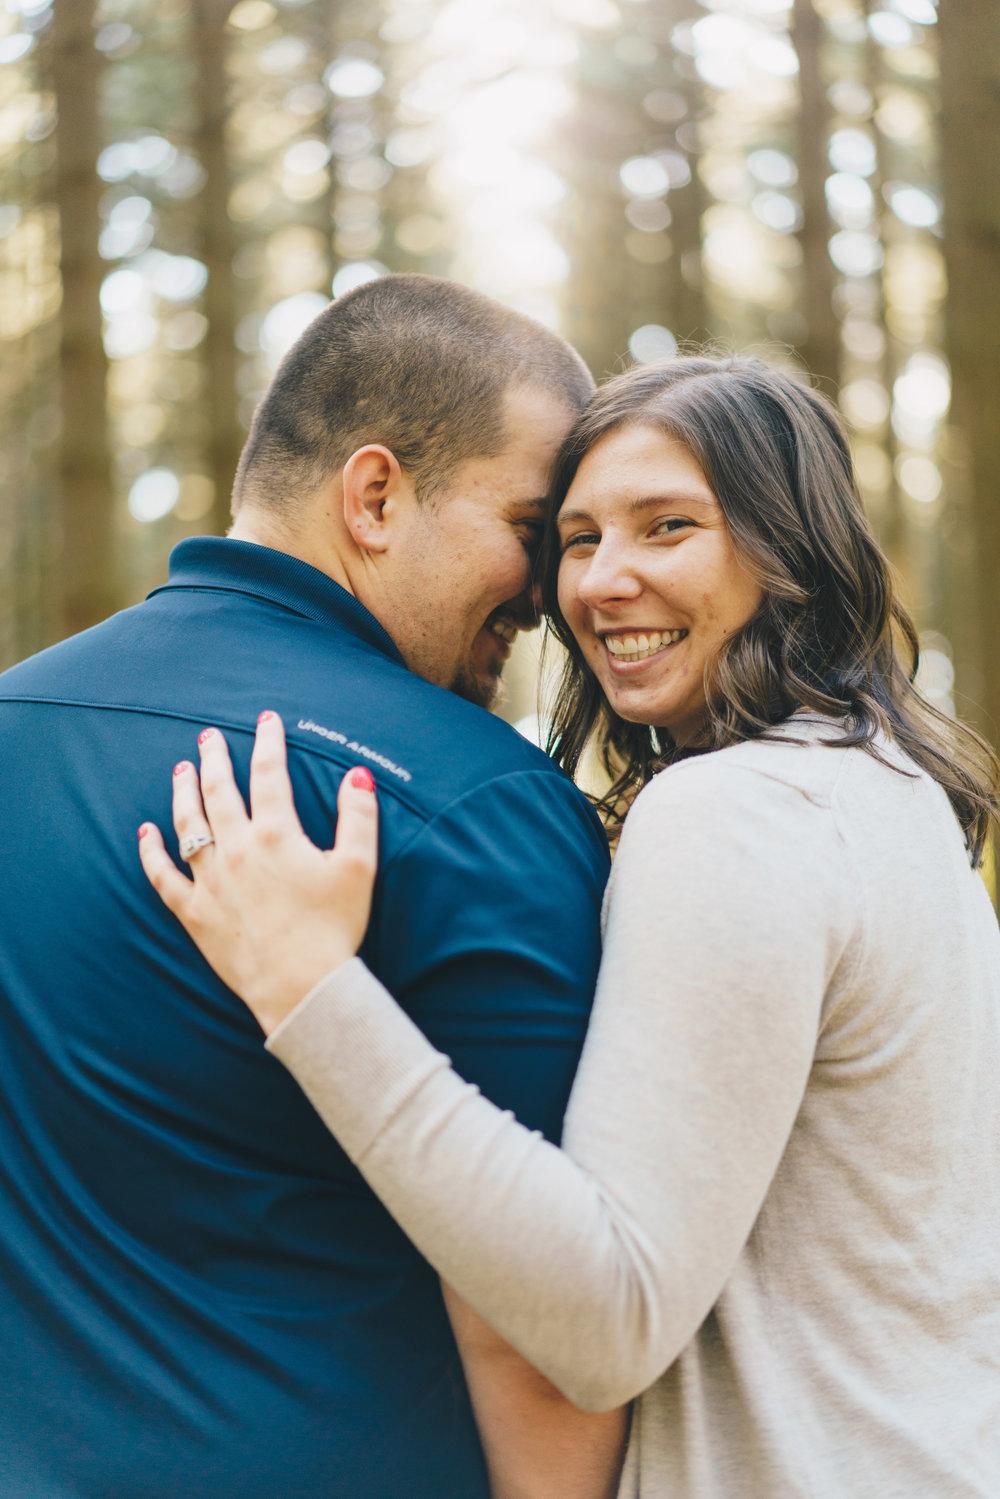 Nashville Wedding Photographer_K&M Engagement Session-4